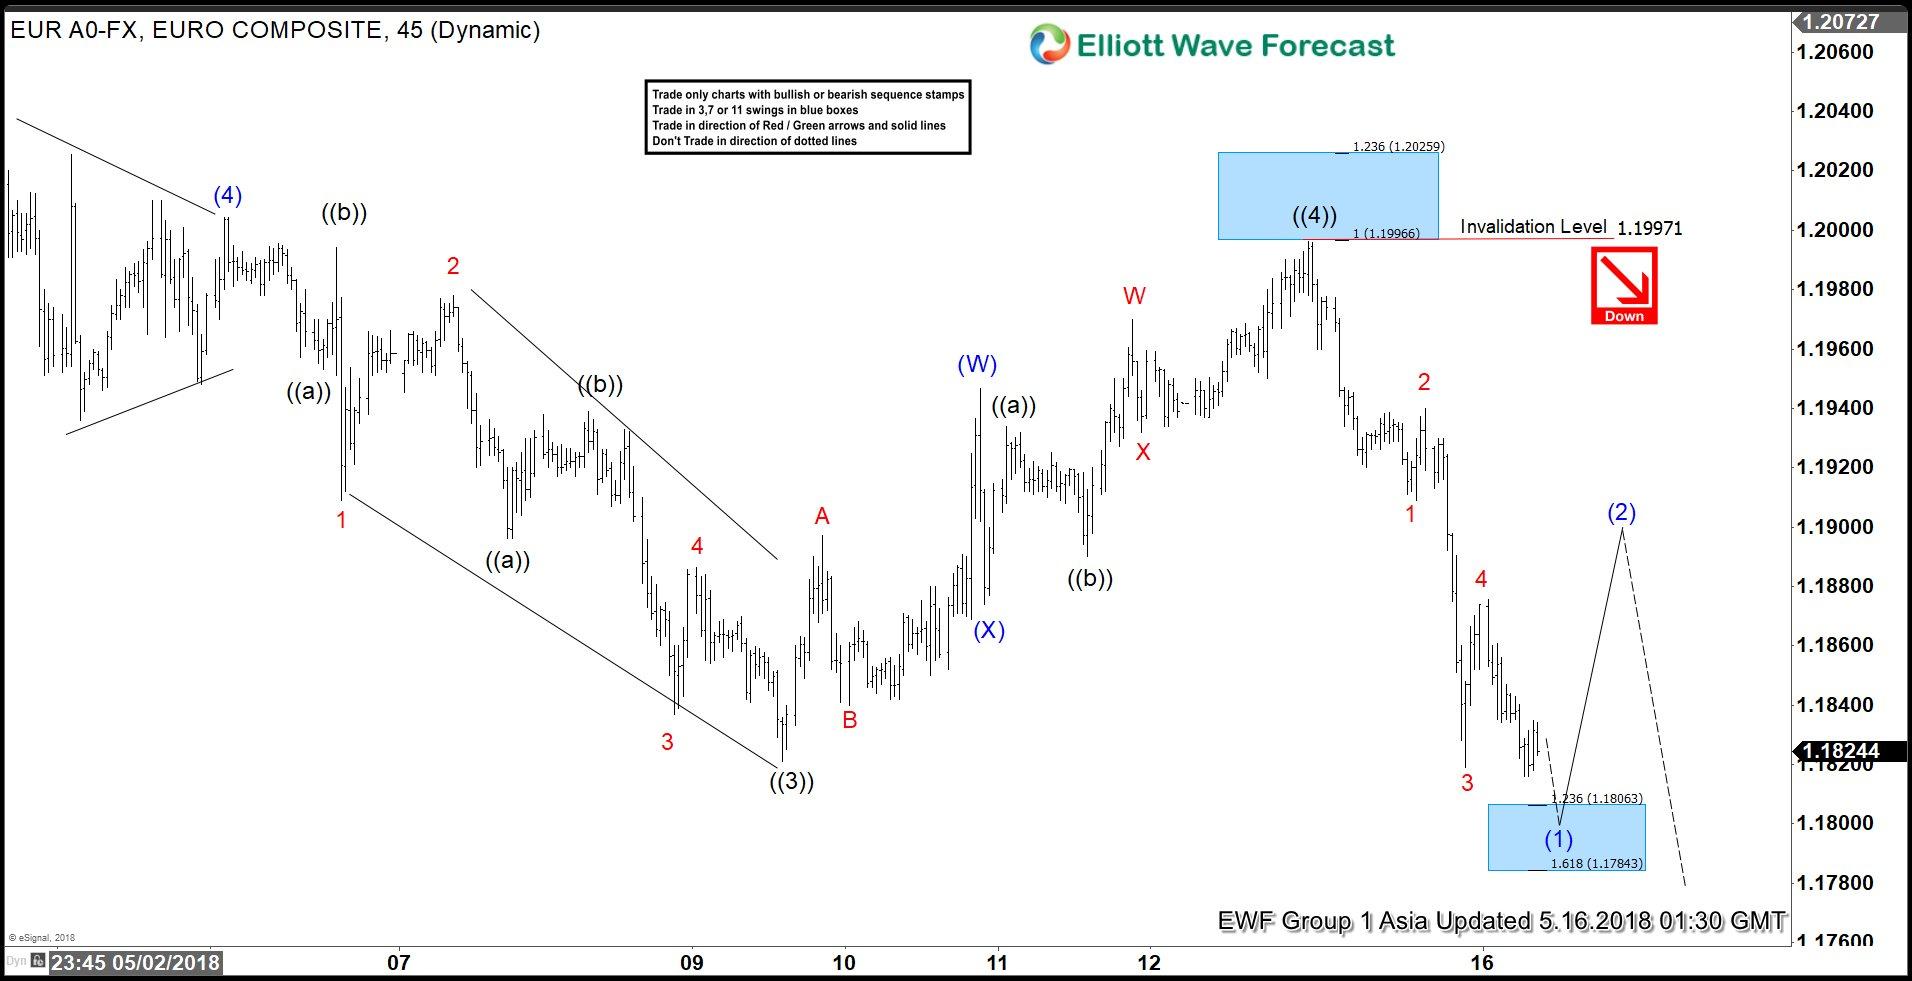 Forex elliott wave analysis